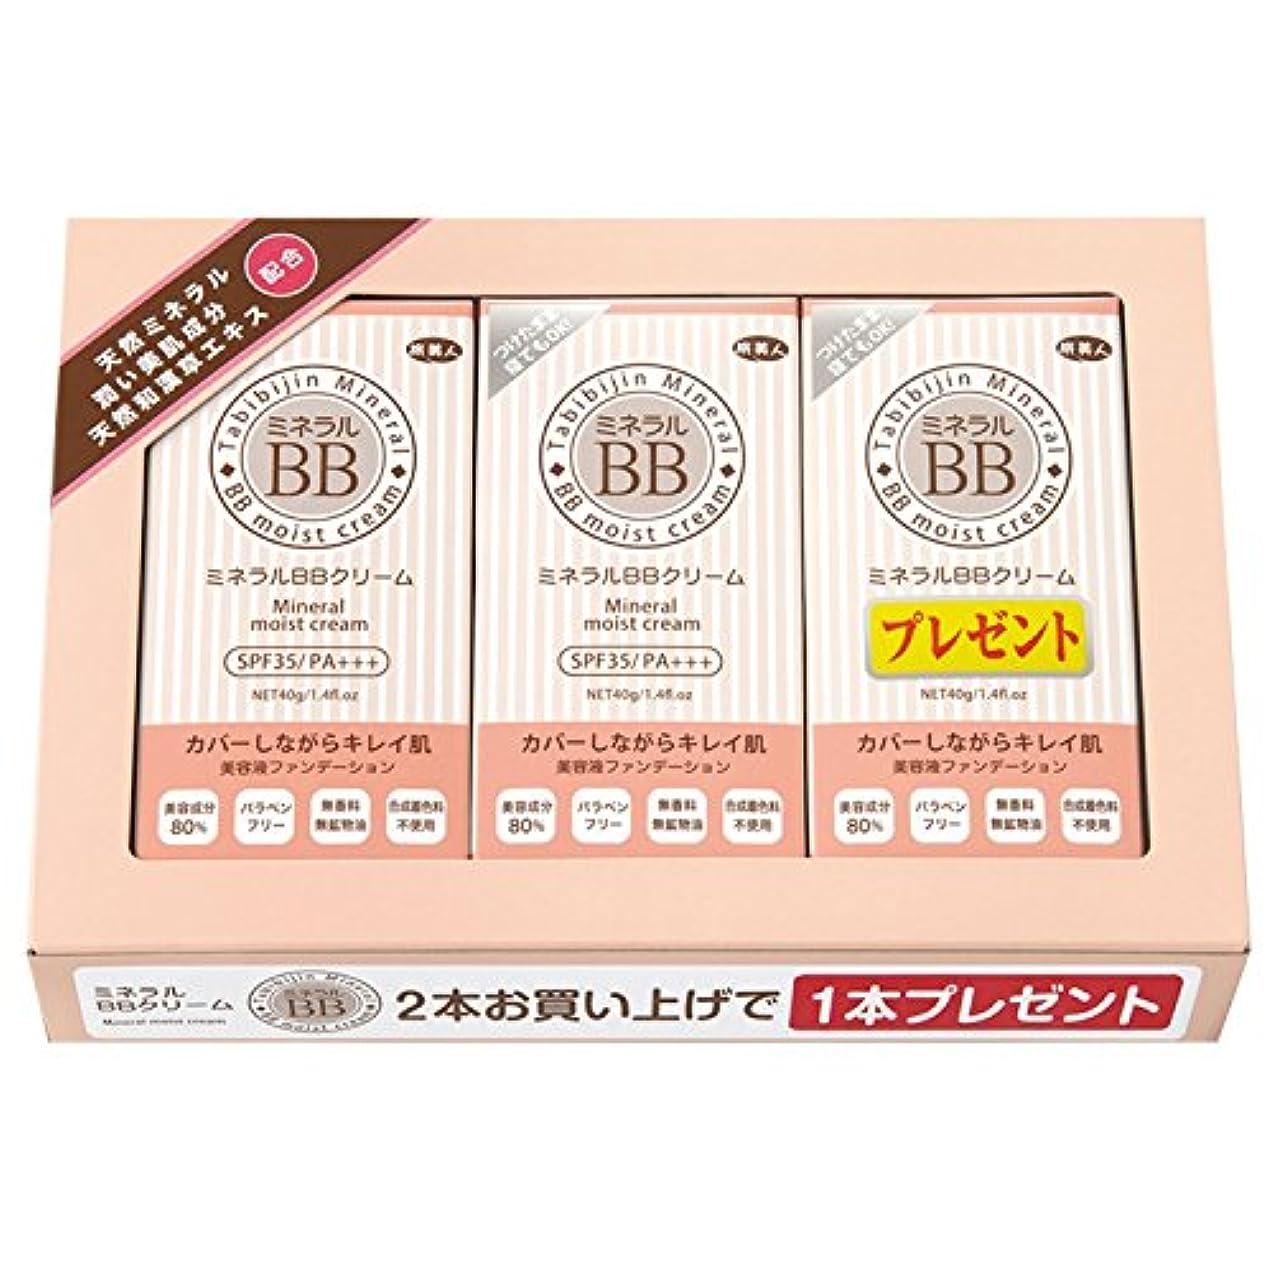 模倣道徳教育行動アズマ商事の ミネラルBBクリーム お得な 2本のお値段で3本入りセット